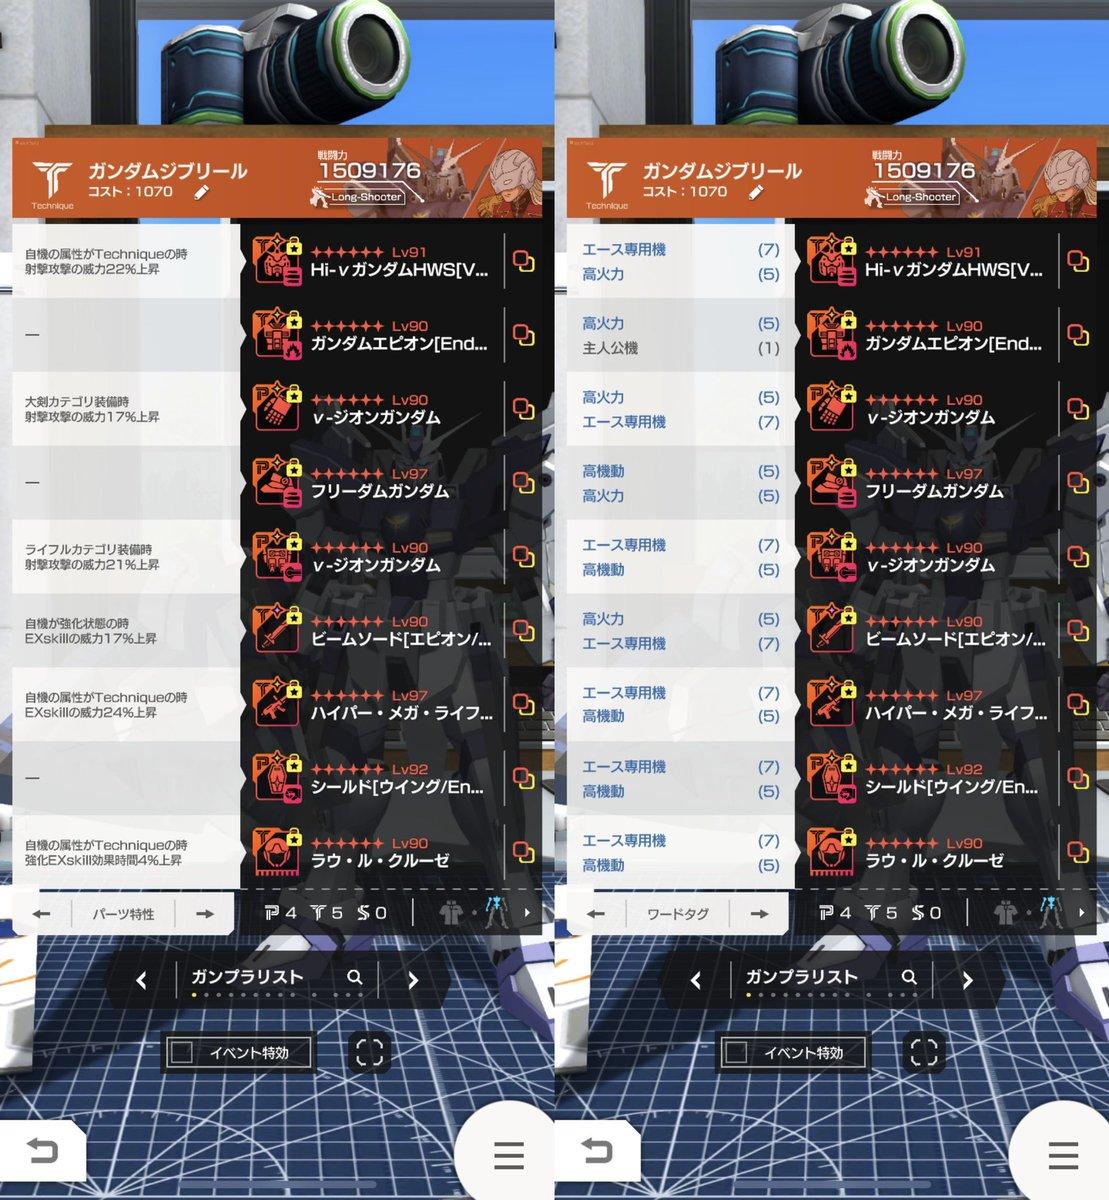 ブレイカー 力 ガンダム モバイル 戦闘 ガンダムブレイカーモバイル